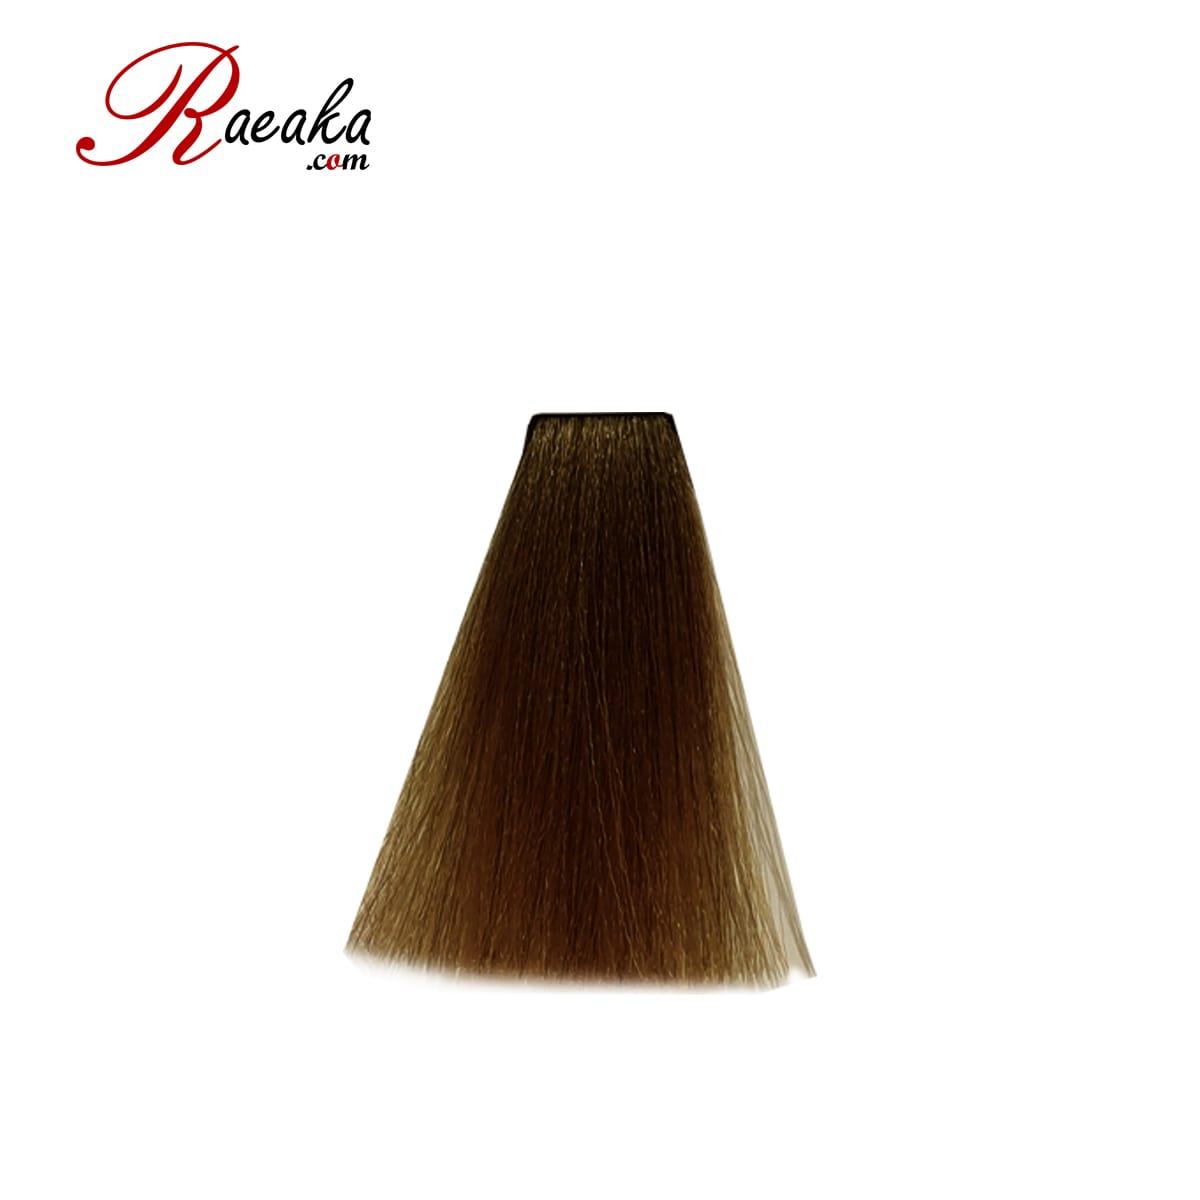 رنگ مو دوماسی سری فندقی قهوه ای فندقی روشن ۵٫۷۴ حجم ۱۲۰ میلی لیتر